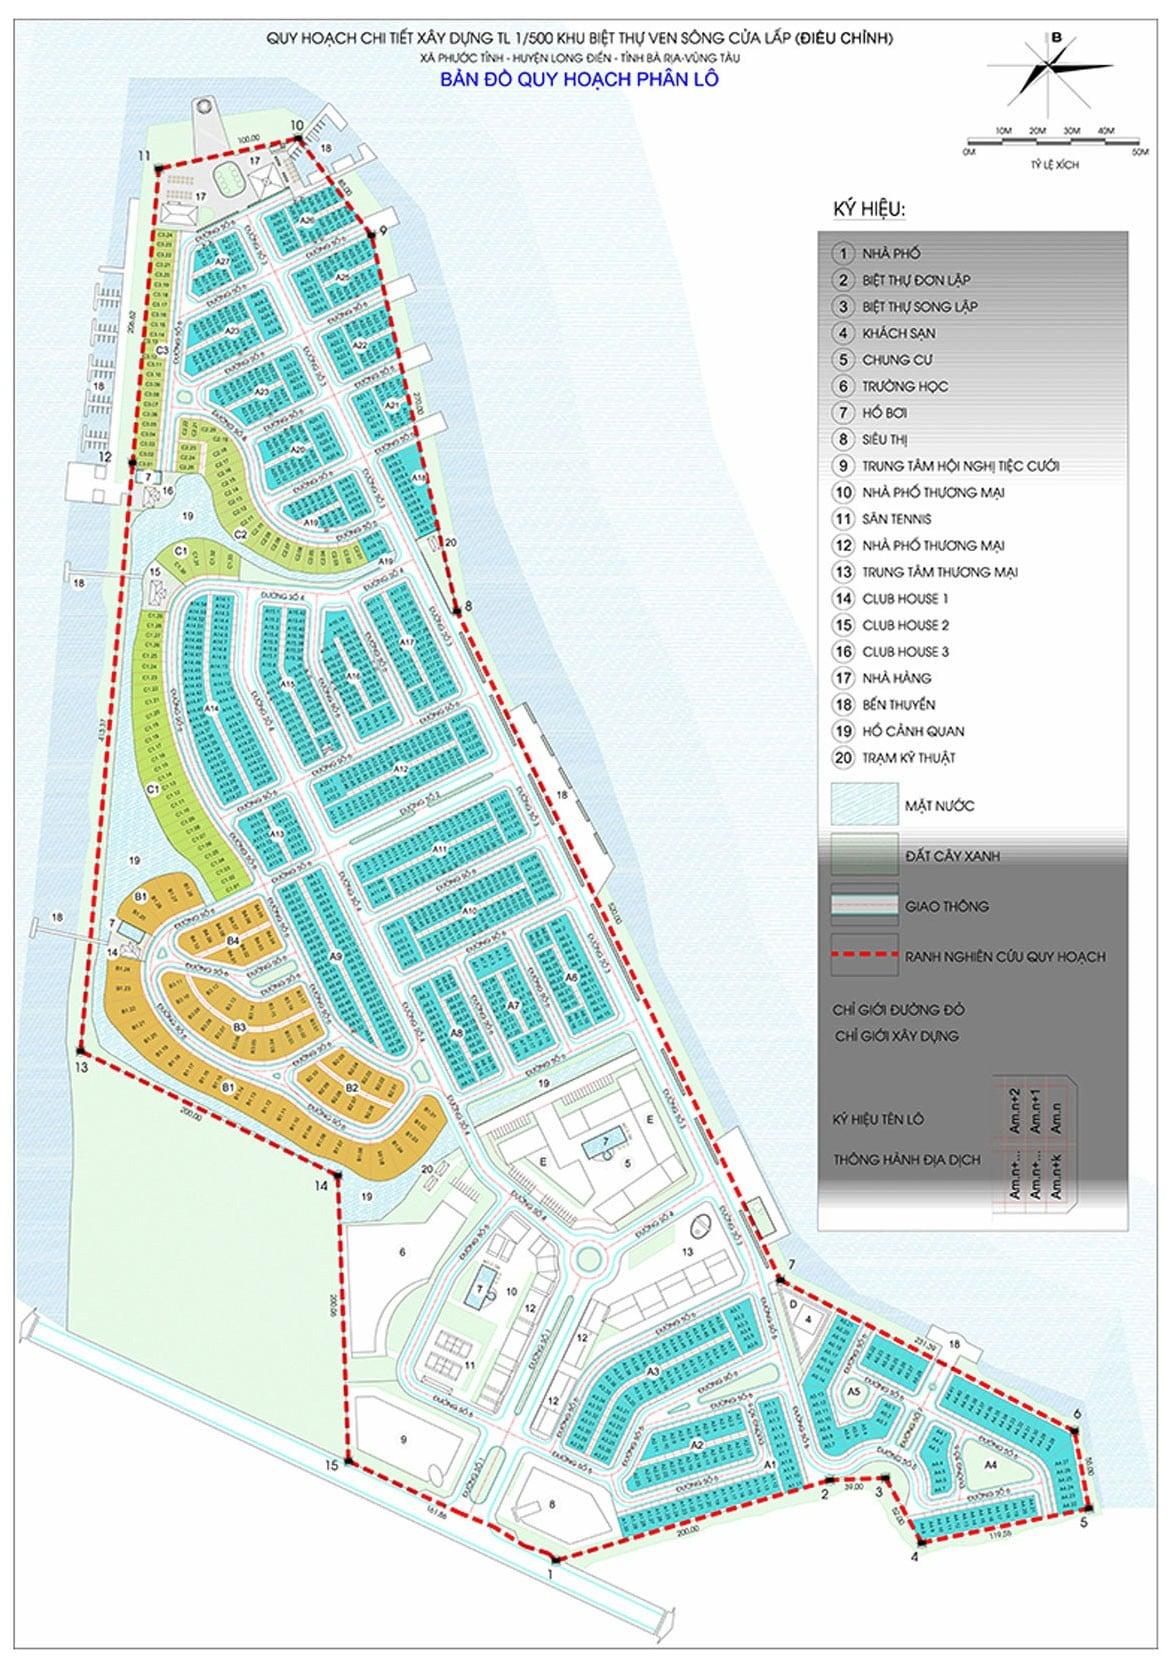 Mặt bằng phân lô Dự án Khu đô thị biển Marine City Bà Rịa Vũng Tàu